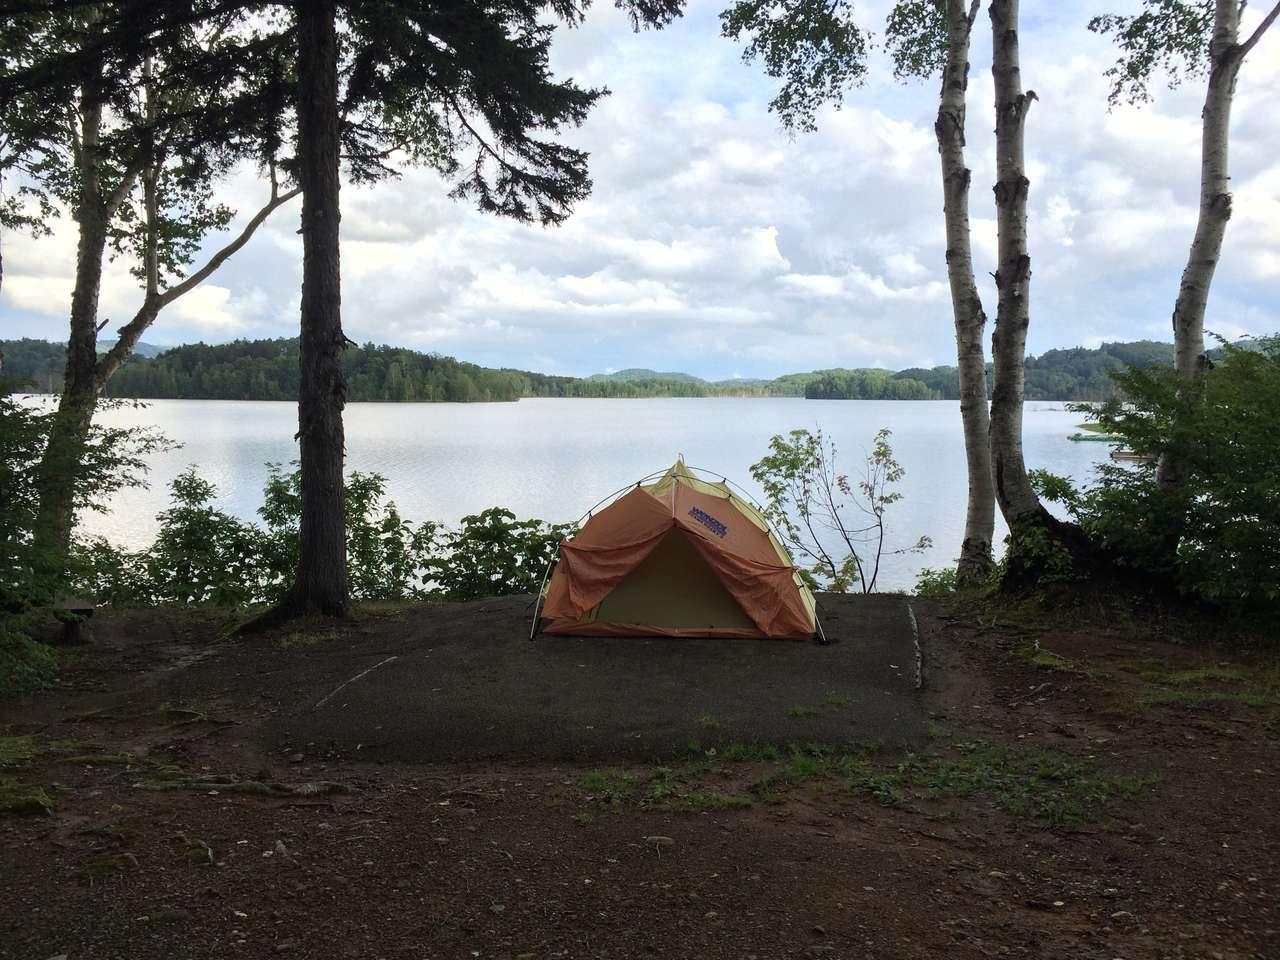 場 キャンプ 朱鞠内 湖畔